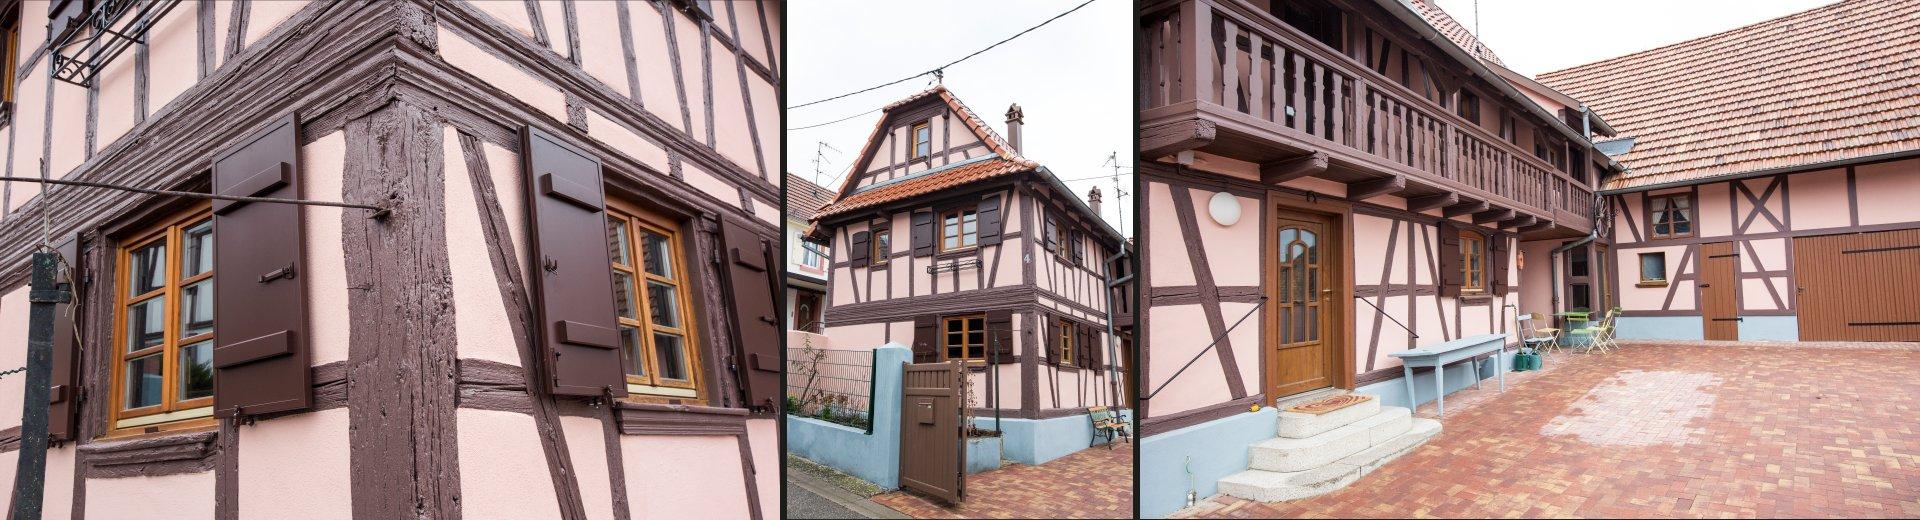 Rénovation façade maison alsacienne